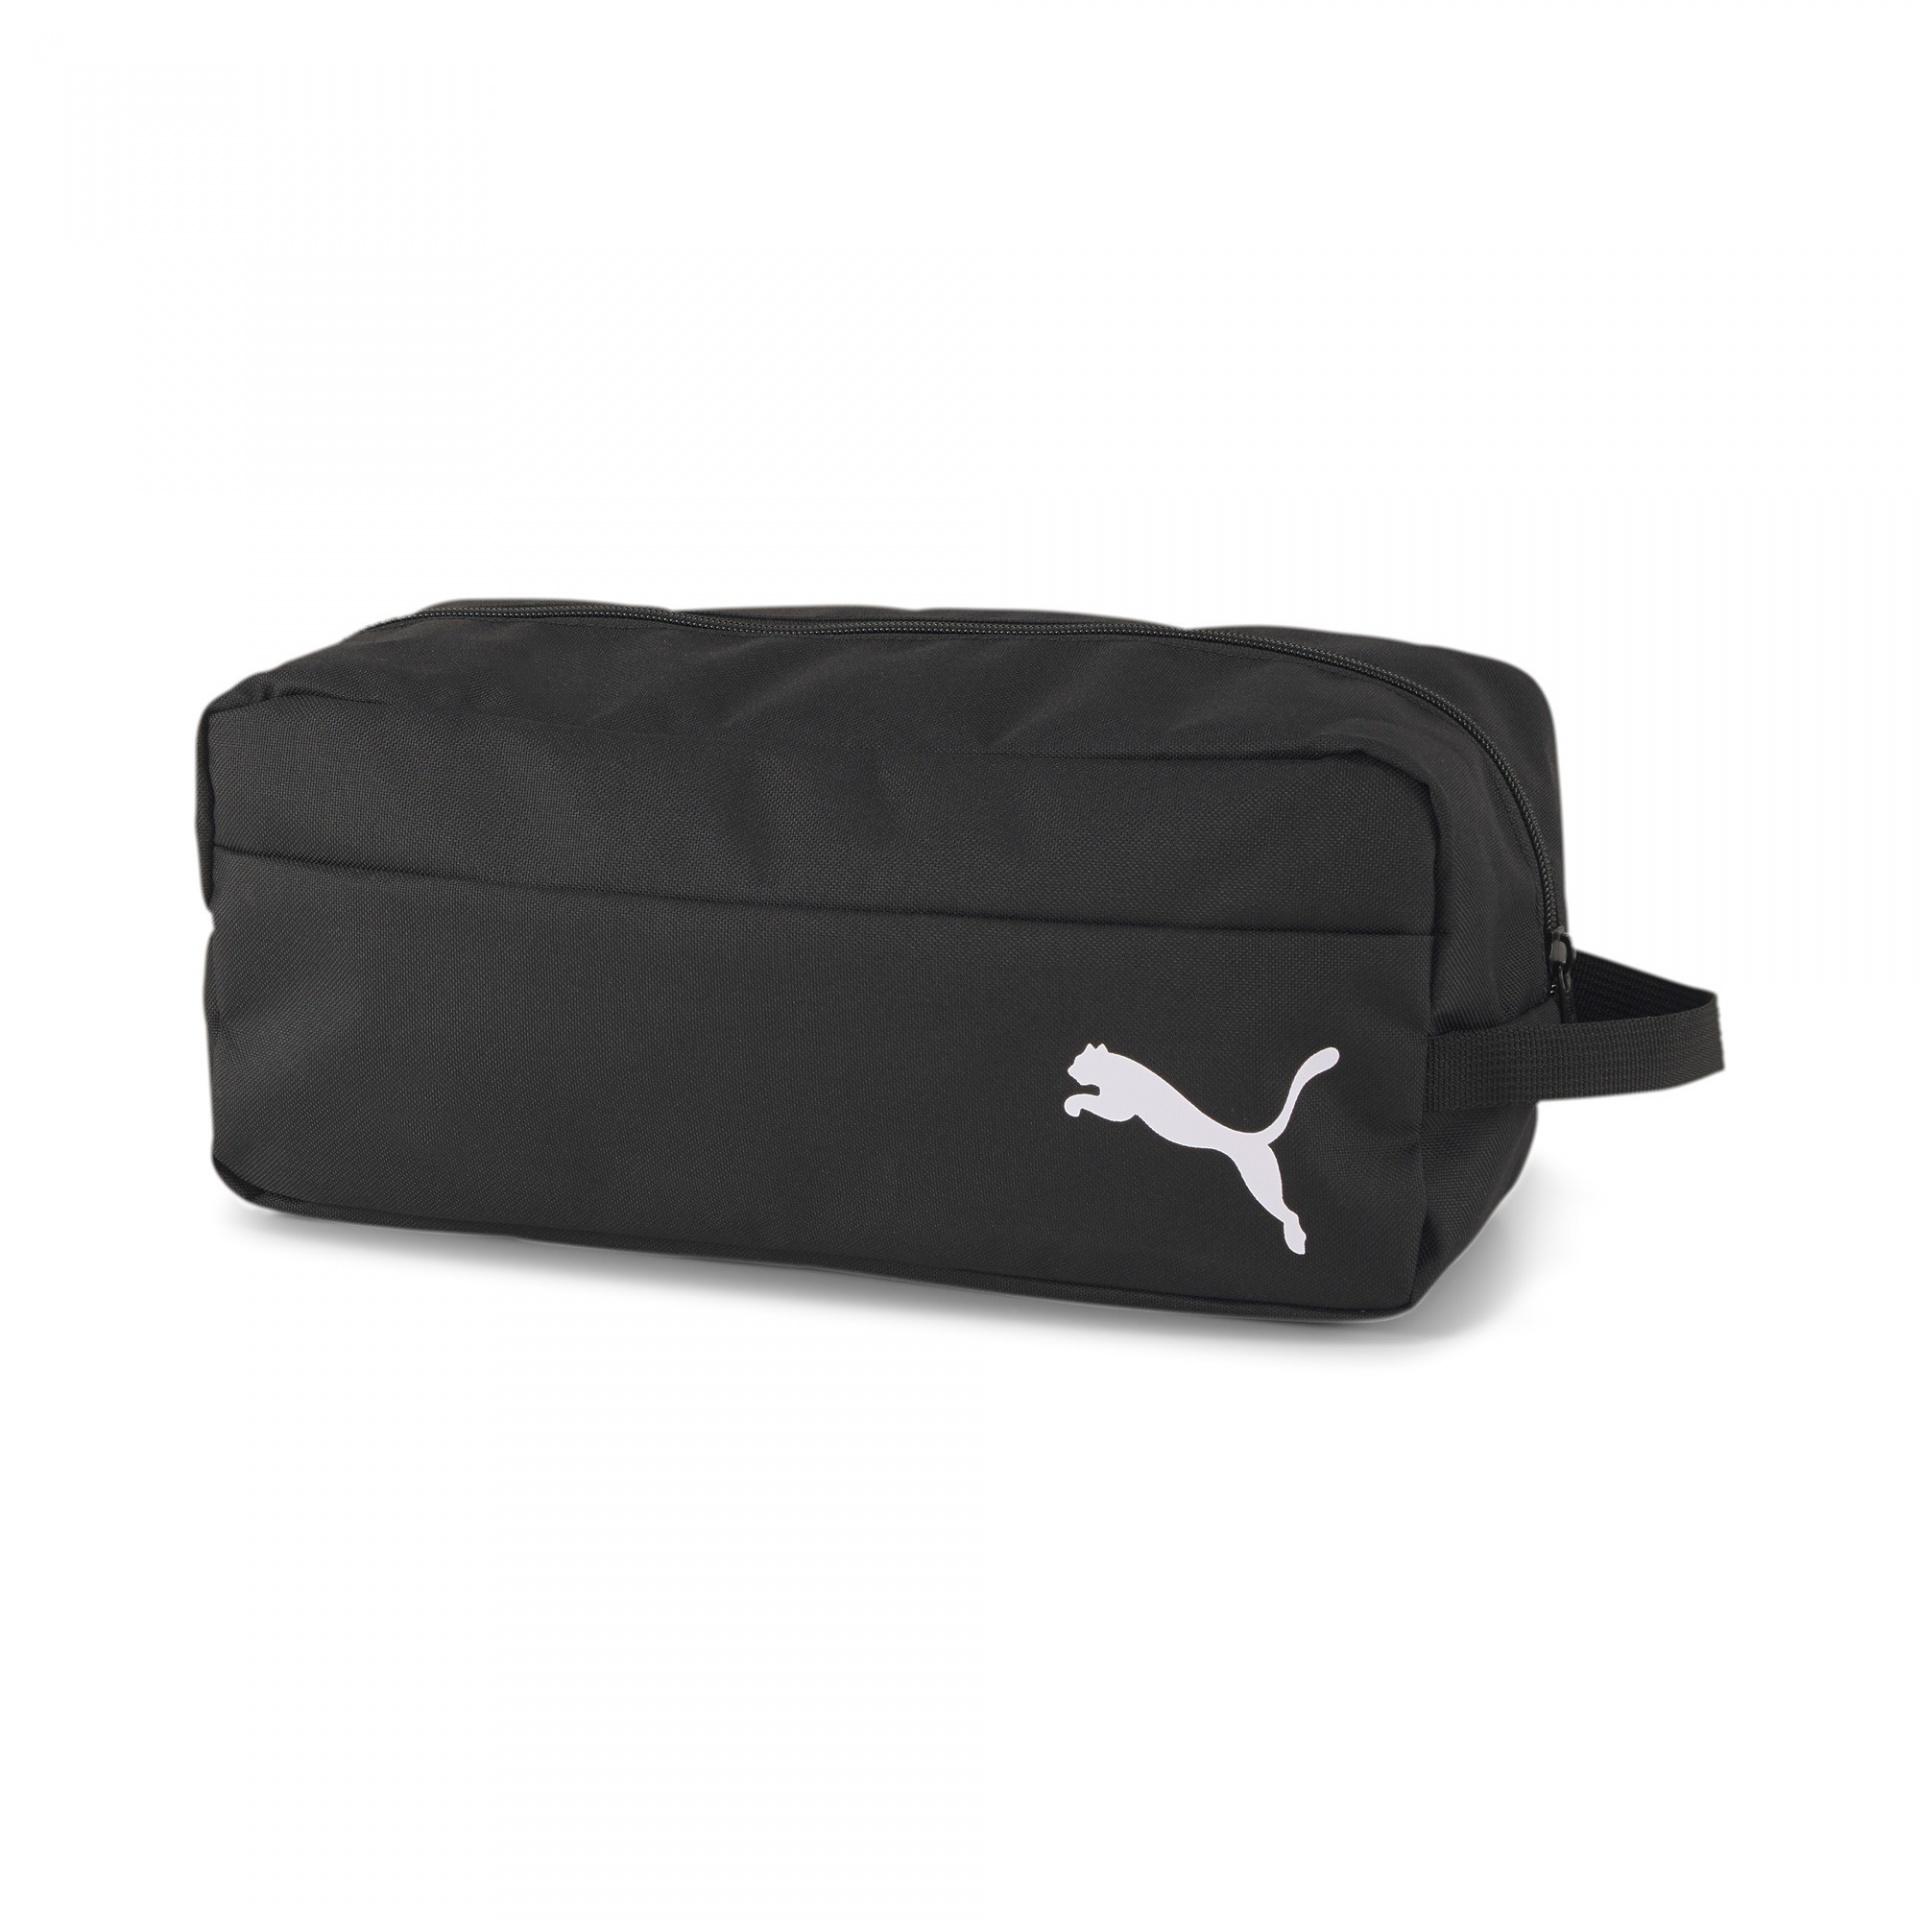 Puma Bag Goal Black